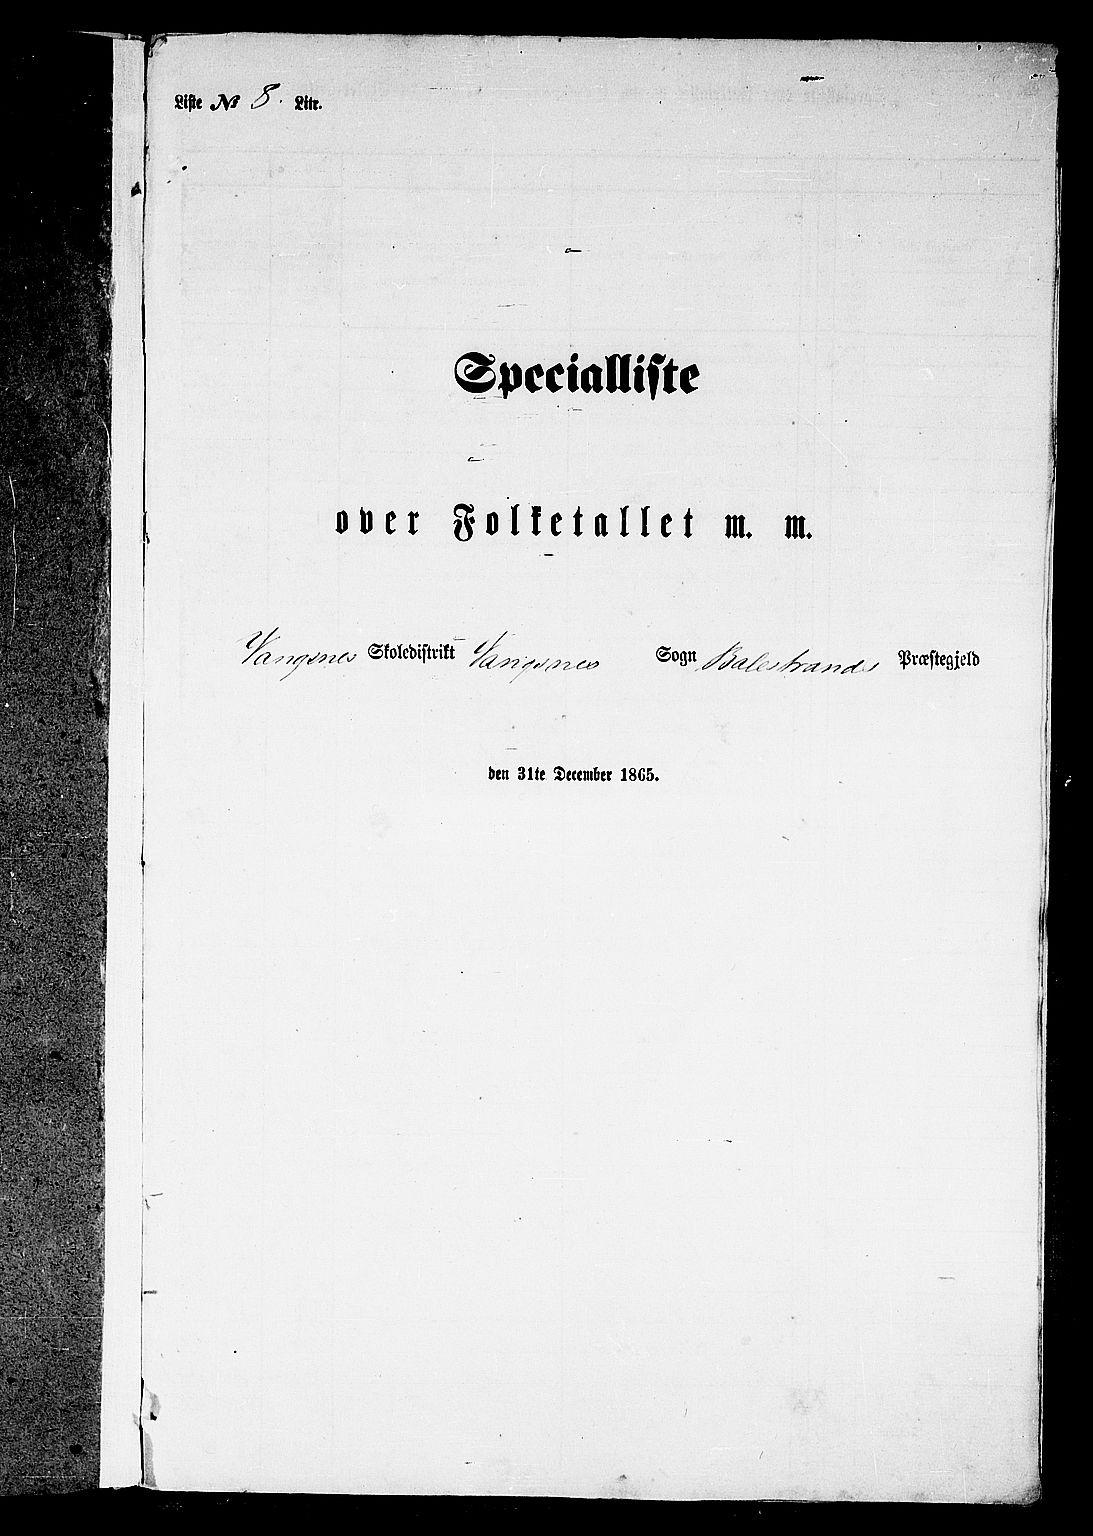 RA, Folketelling 1865 for 1418P Balestrand prestegjeld, 1865, s. 85